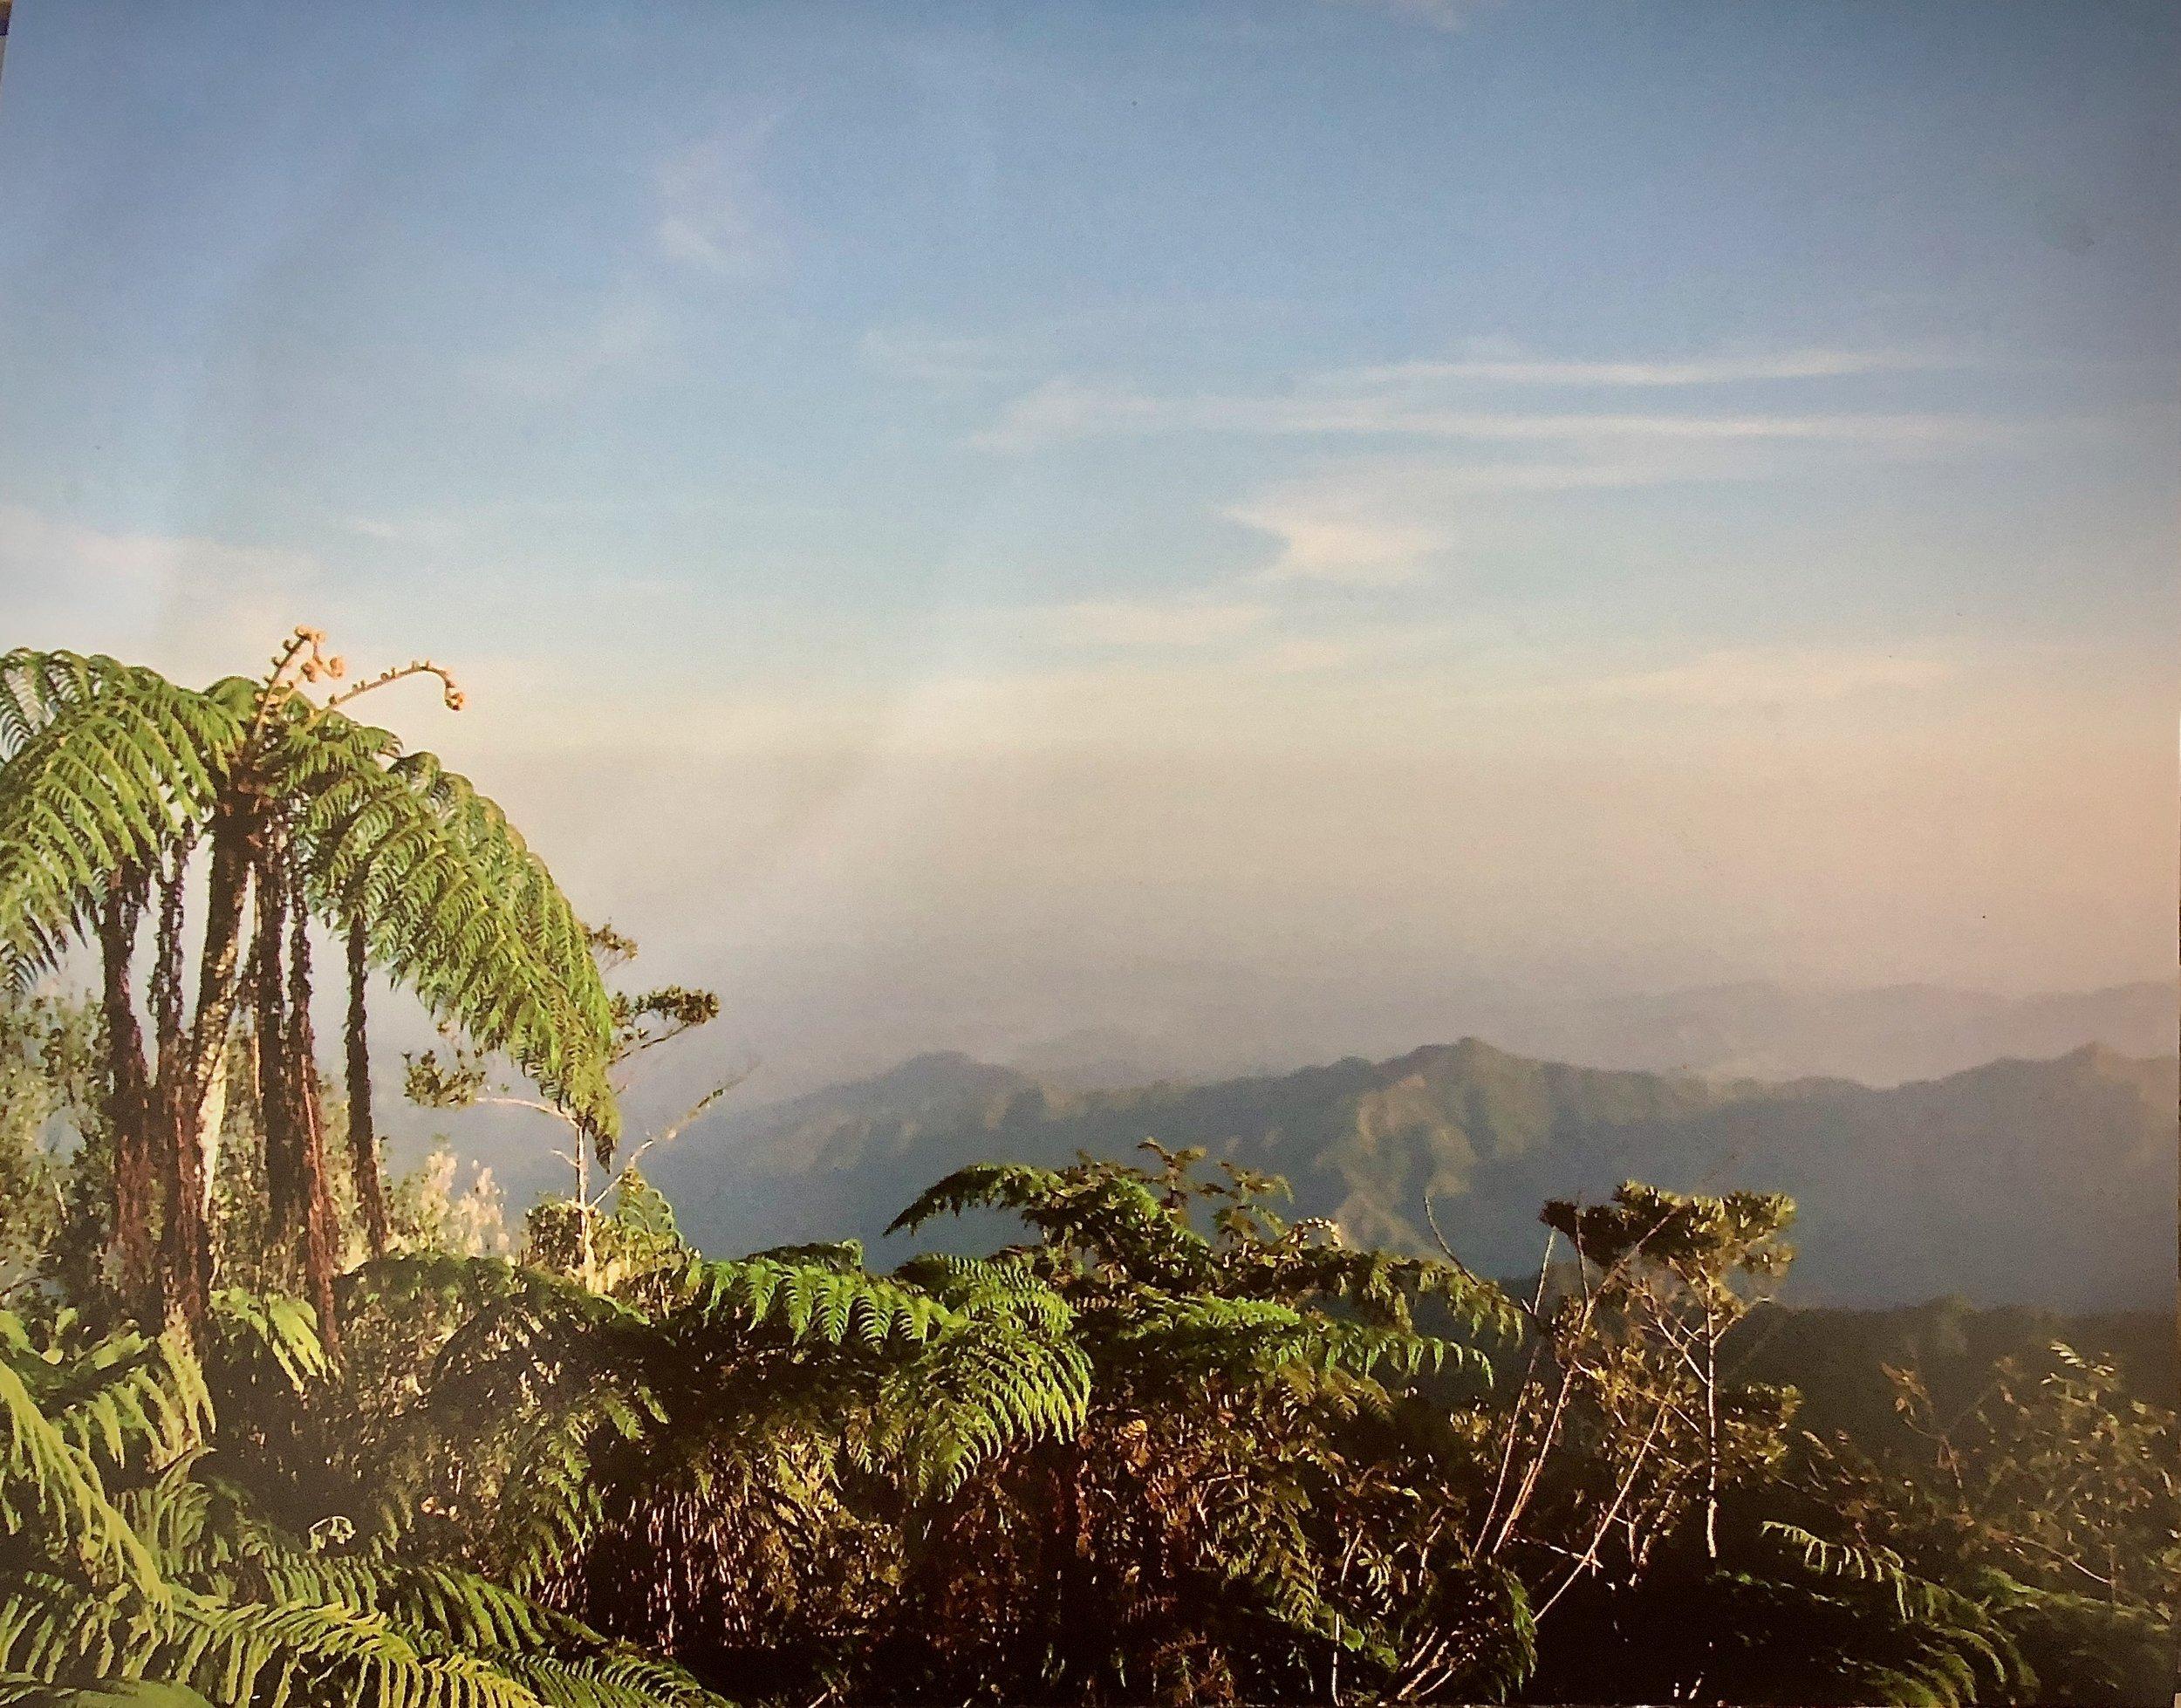 Figure 4:  Amanecer en El Pico Turquino,  reference image 1